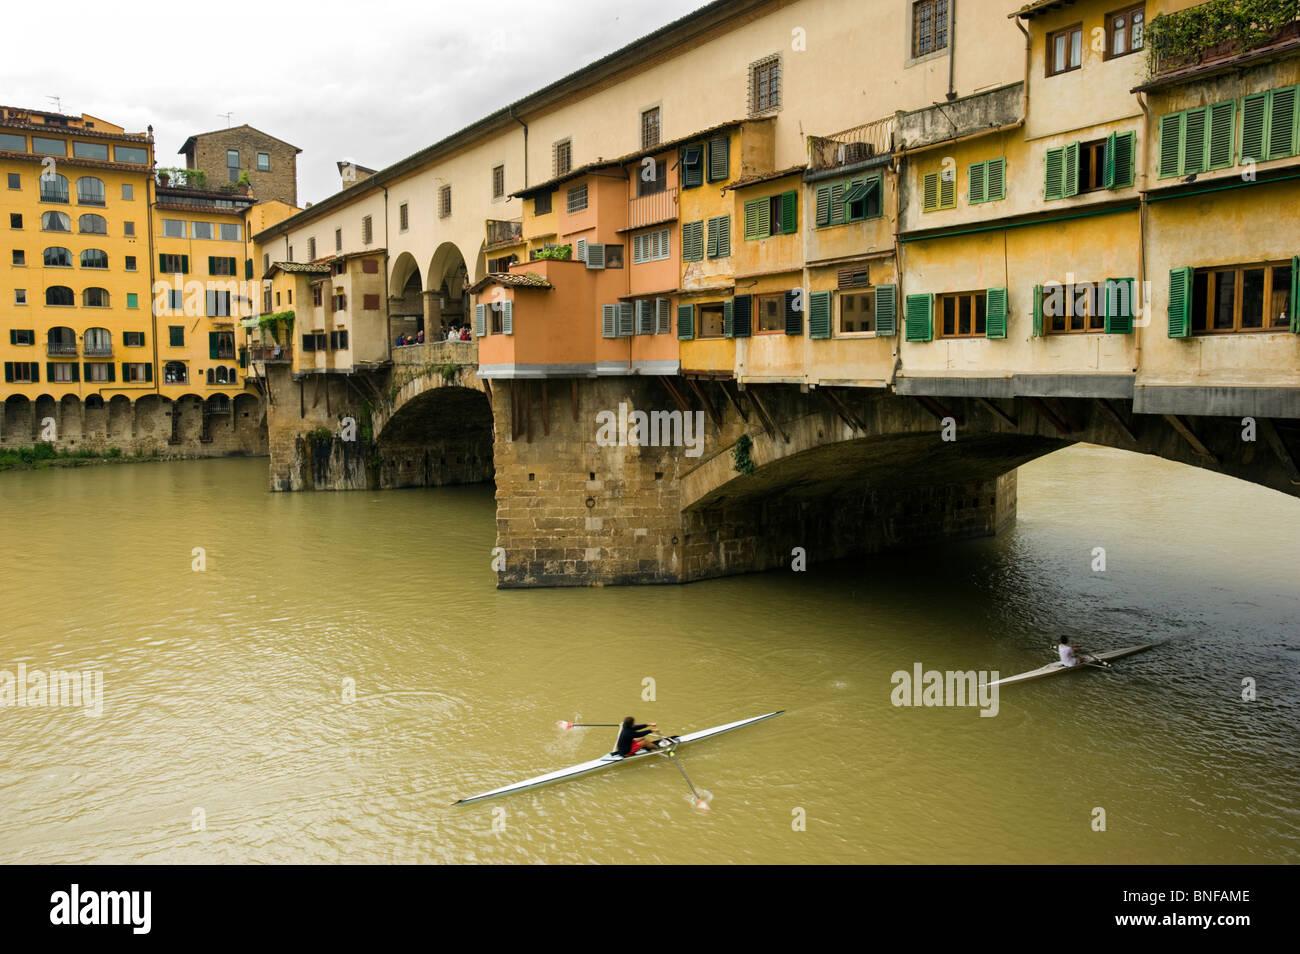 Die Ponte Vecchio, die mittelalterliche Brücke über den Arno in Florenz, Italien. Stockbild